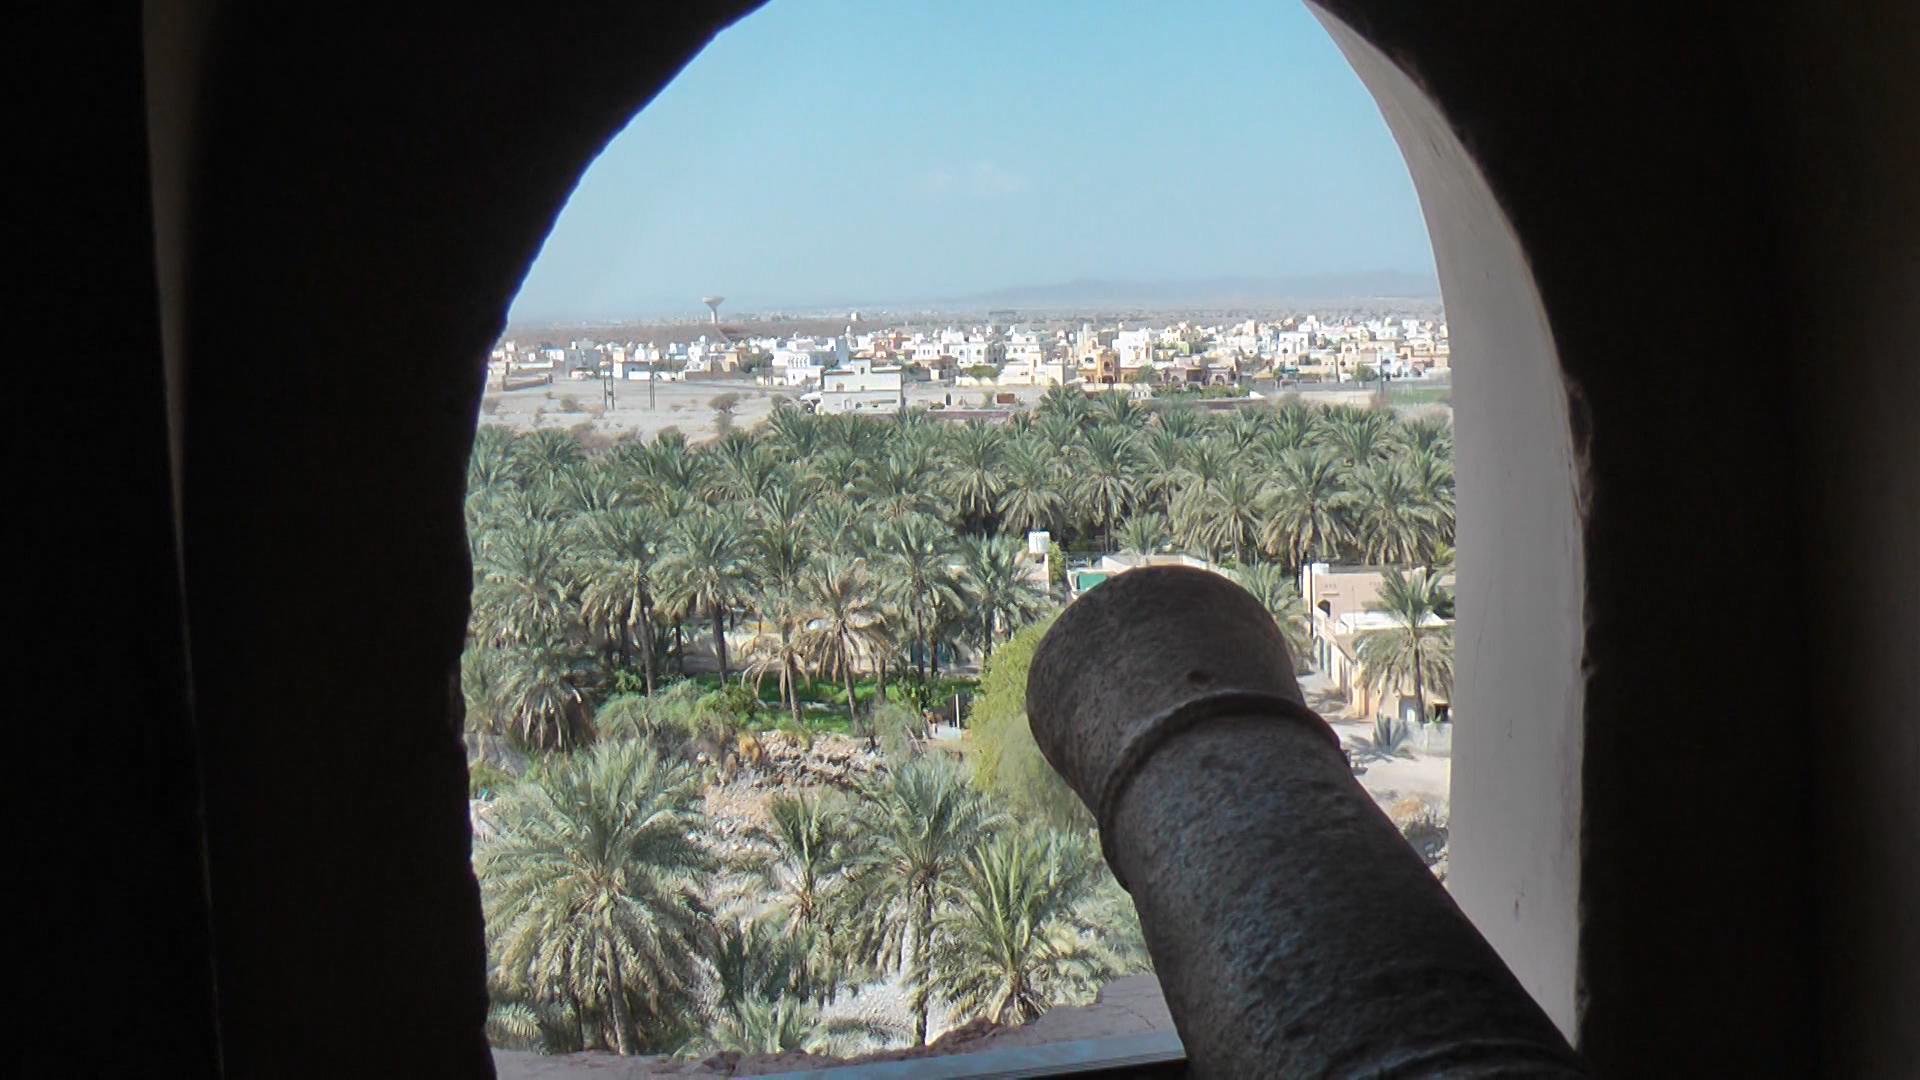 REISE-Logovid Oman Palast von Jabrin - Kanonenrohr